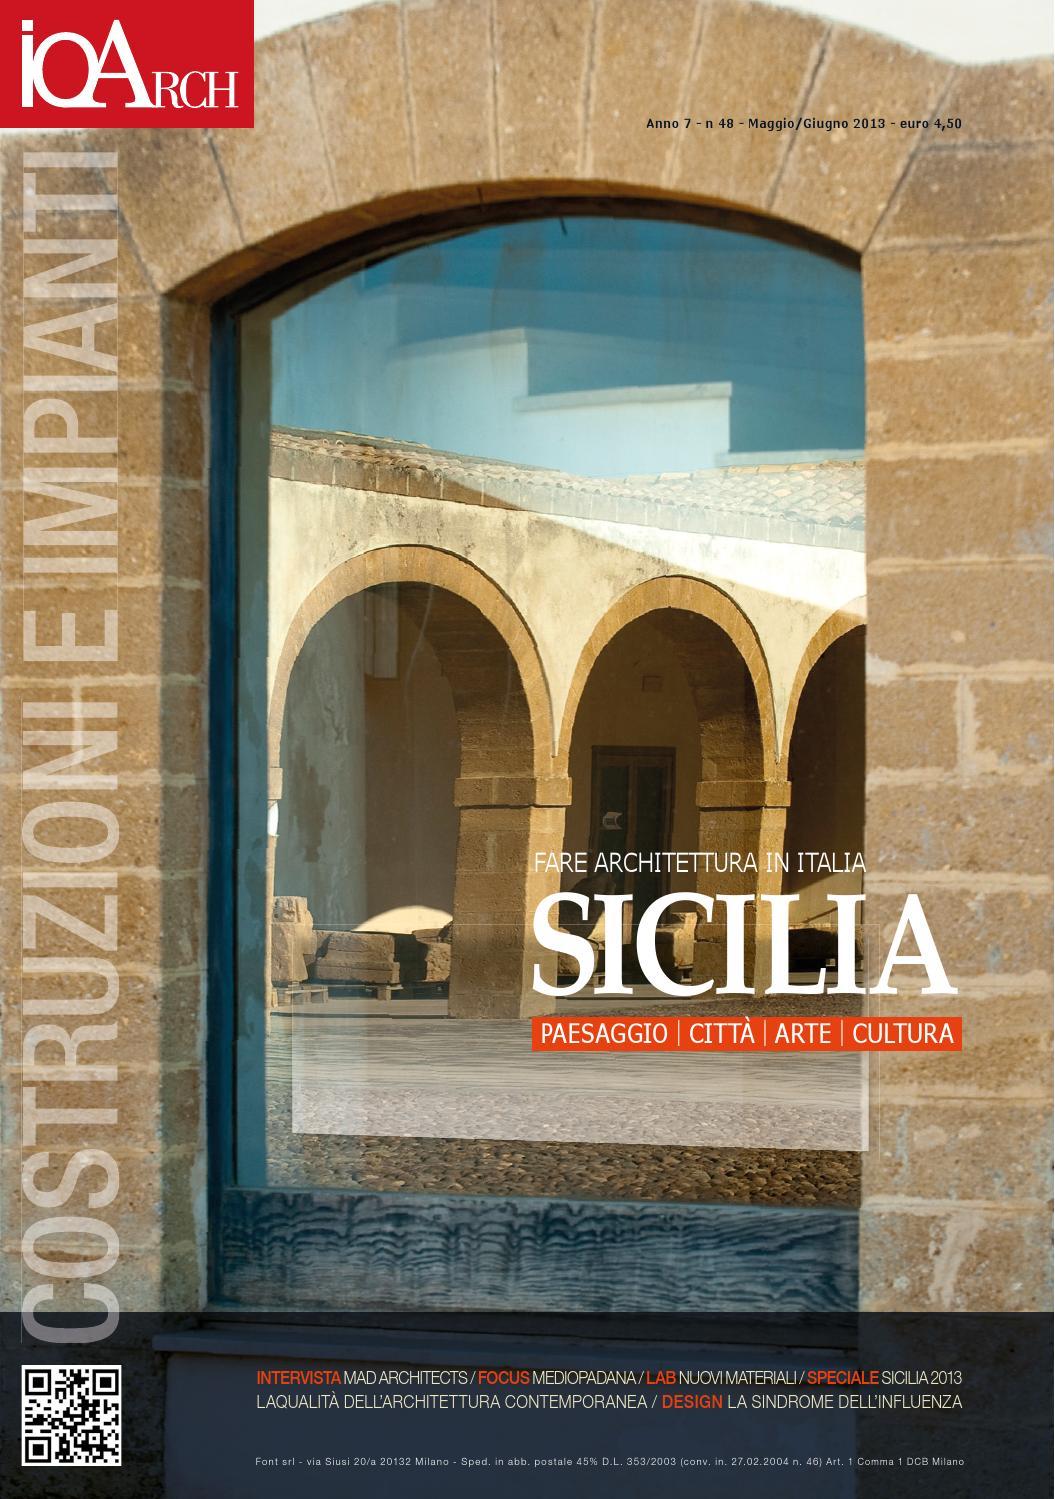 Regalo Per Architetto Femmina ioarch48 mag_giu 2013 by redazione ioarch - issuu